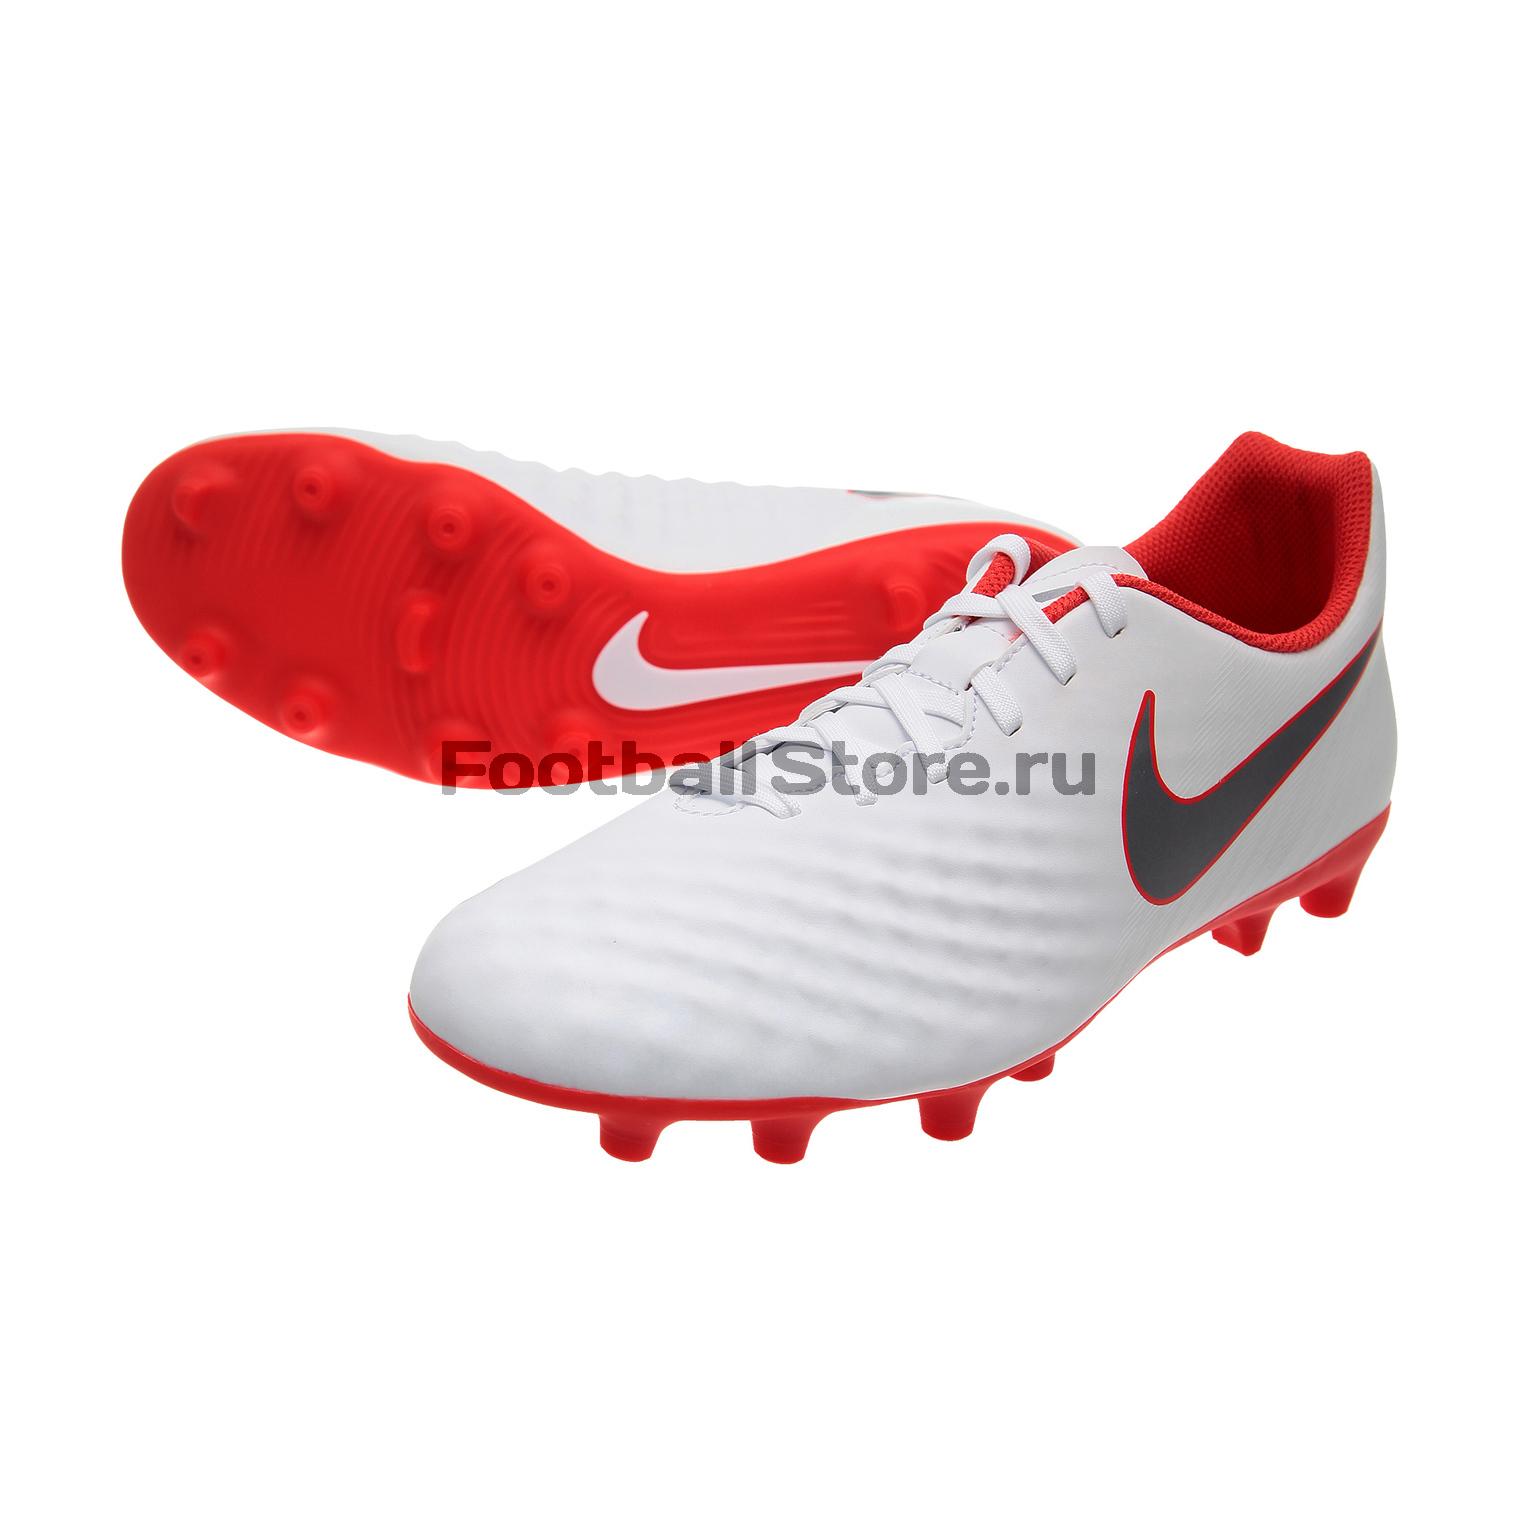 Бутсы Nike Obra 2 Club FG AH7302-107 бутсы nike jr obra 2 club fg ah7314 107